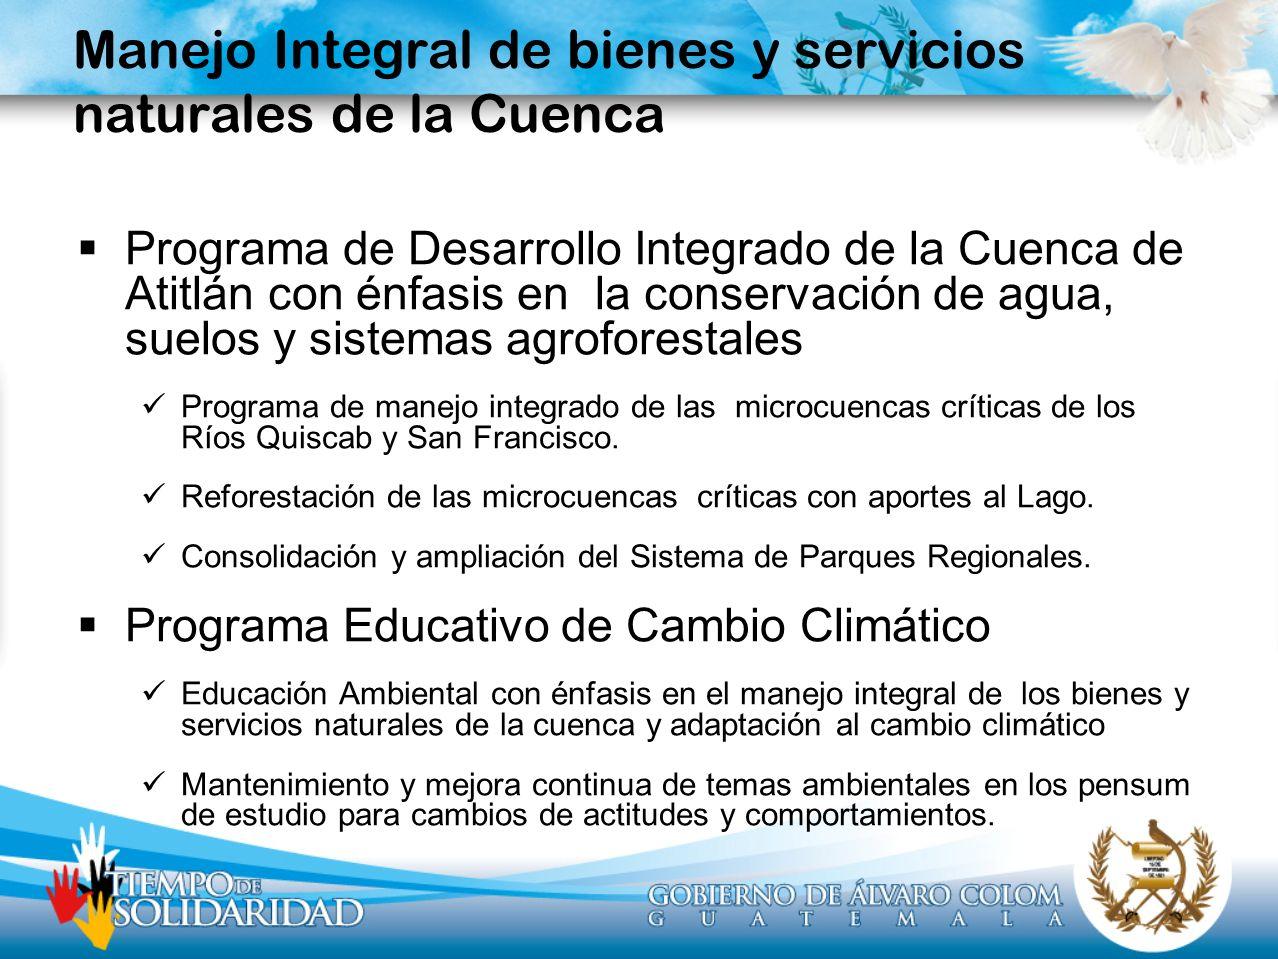 Manejo Integral de bienes y servicios naturales de la Cuenca